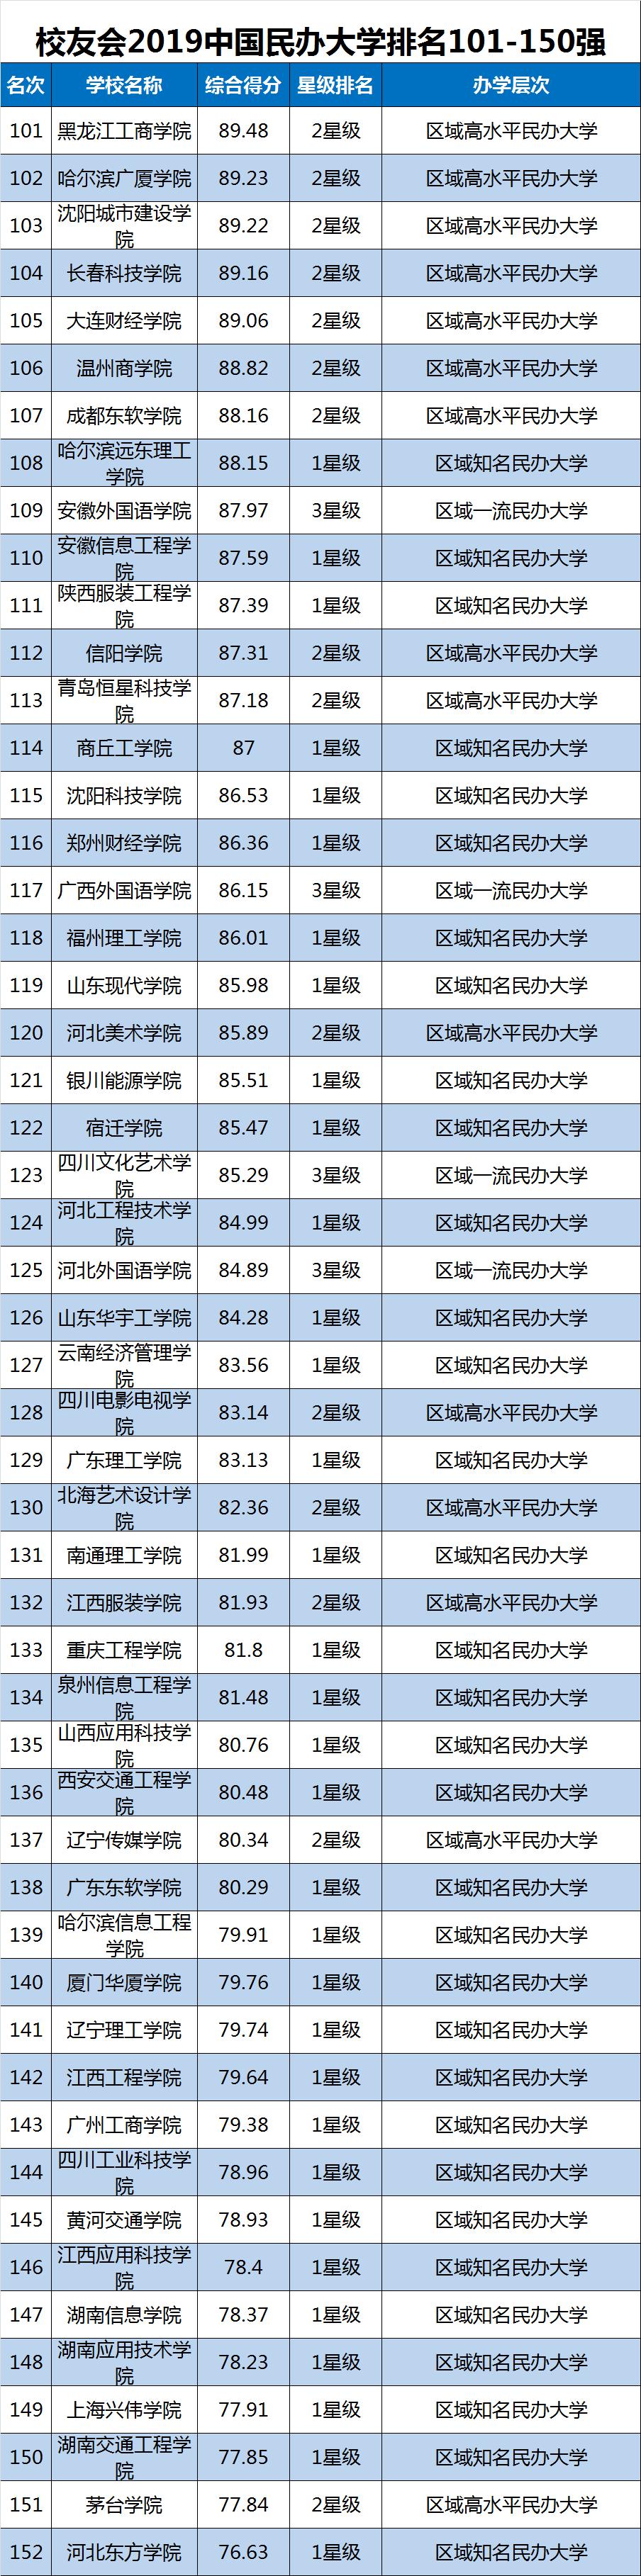 2019中国大学排行榜单最新发布,转给高考生!插图14